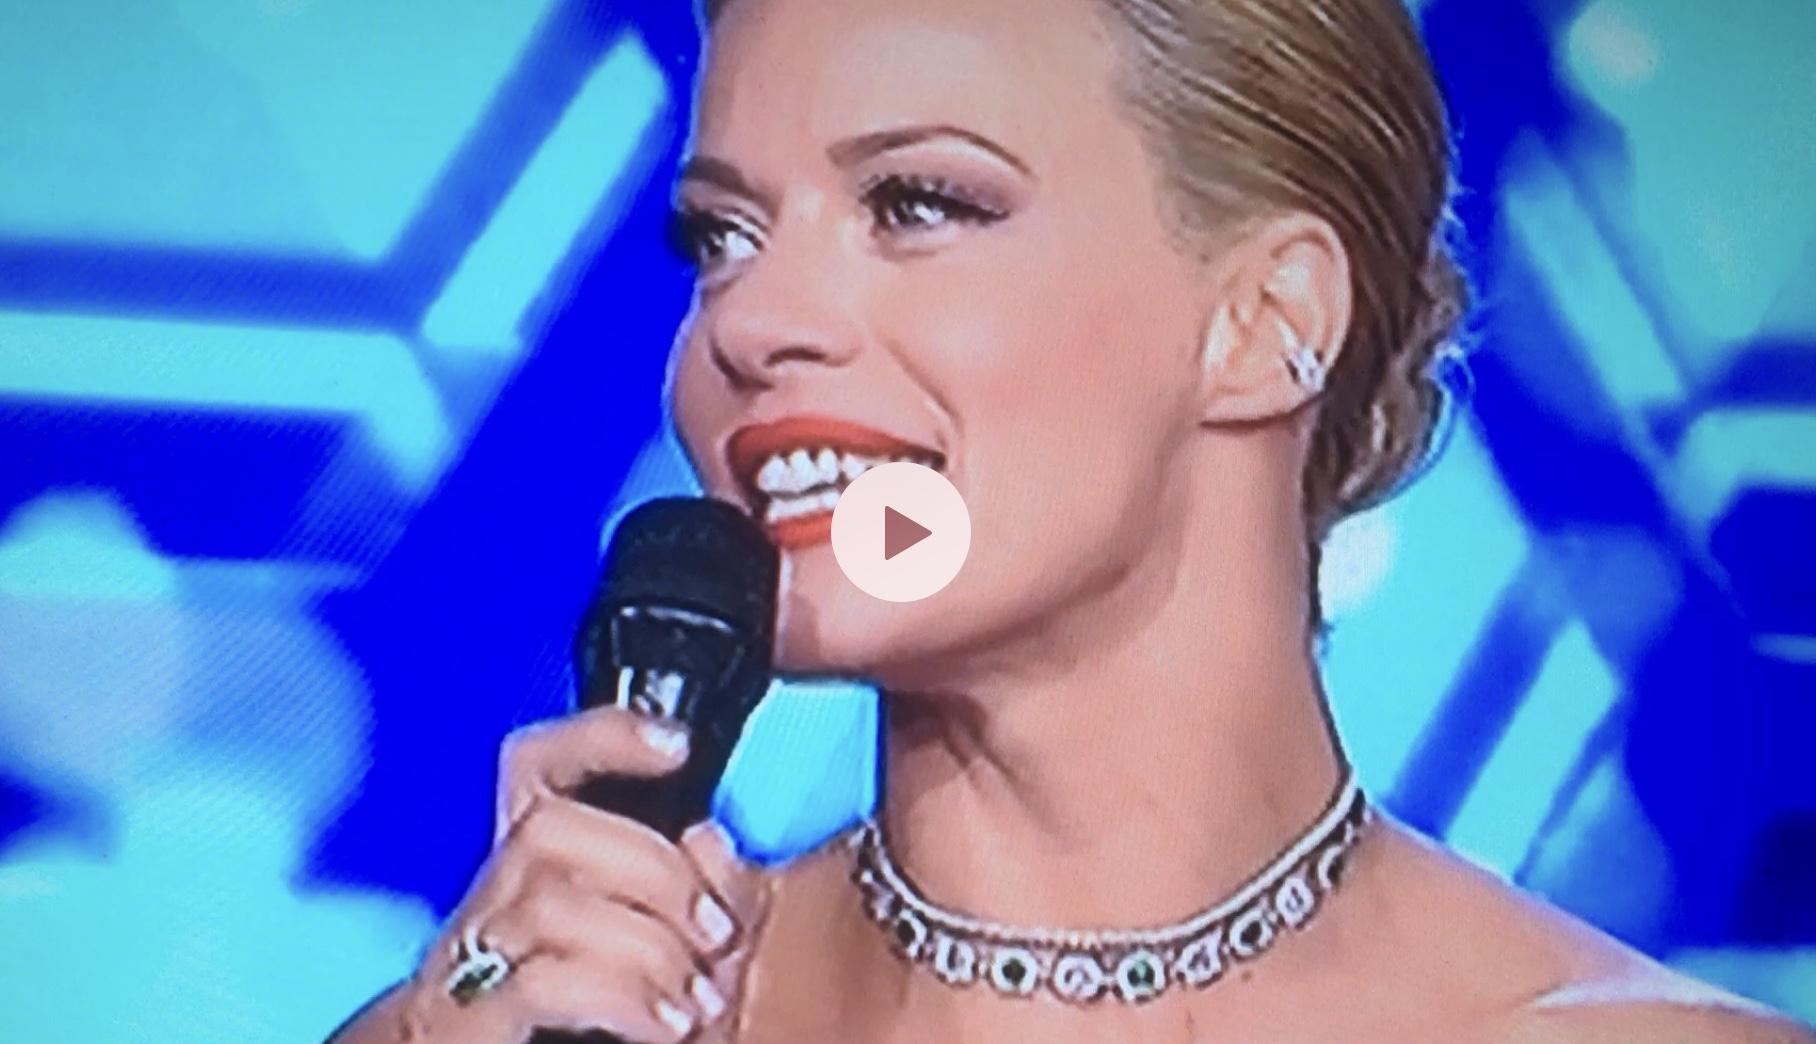 Έλαμπε ολόκληρη. Εκθαμβωτικη η Ζετα Μακρυπούλια στην πρεμιέρα του The Final 4. (Βίντεο) #thefinal4Gr